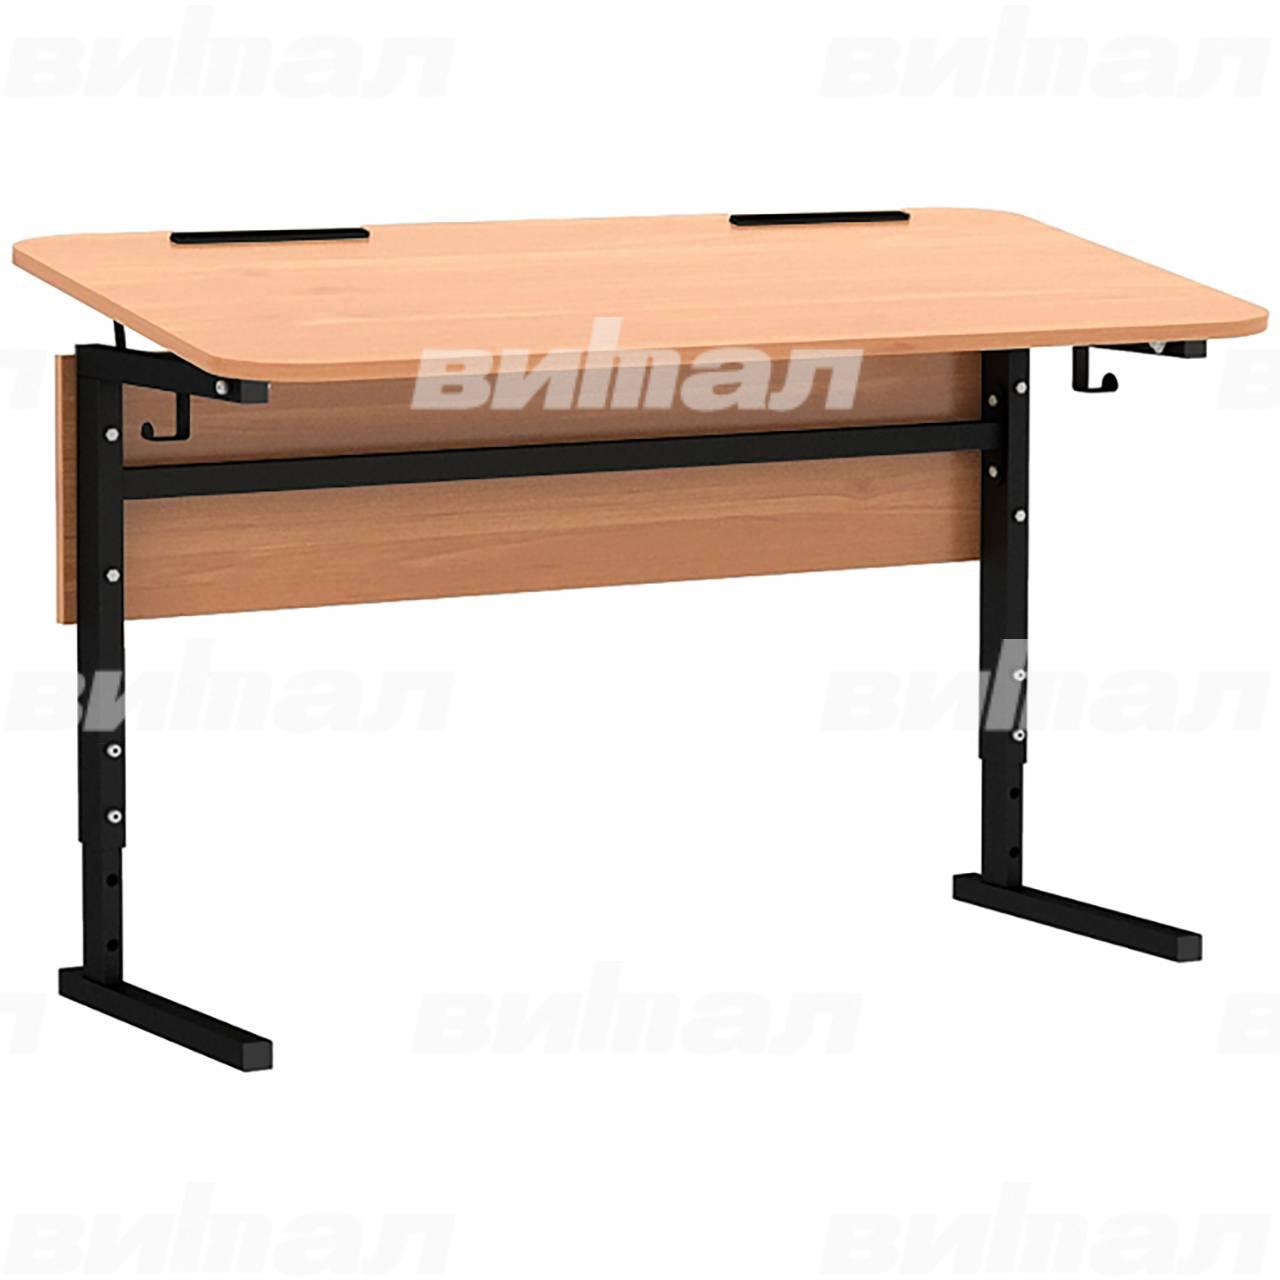 Стол 2-местный регулир. высота и наклон столешницы 0-10° (гр 2-4, 3-5 или 4-6) черный Ольха 3-5 Меламин